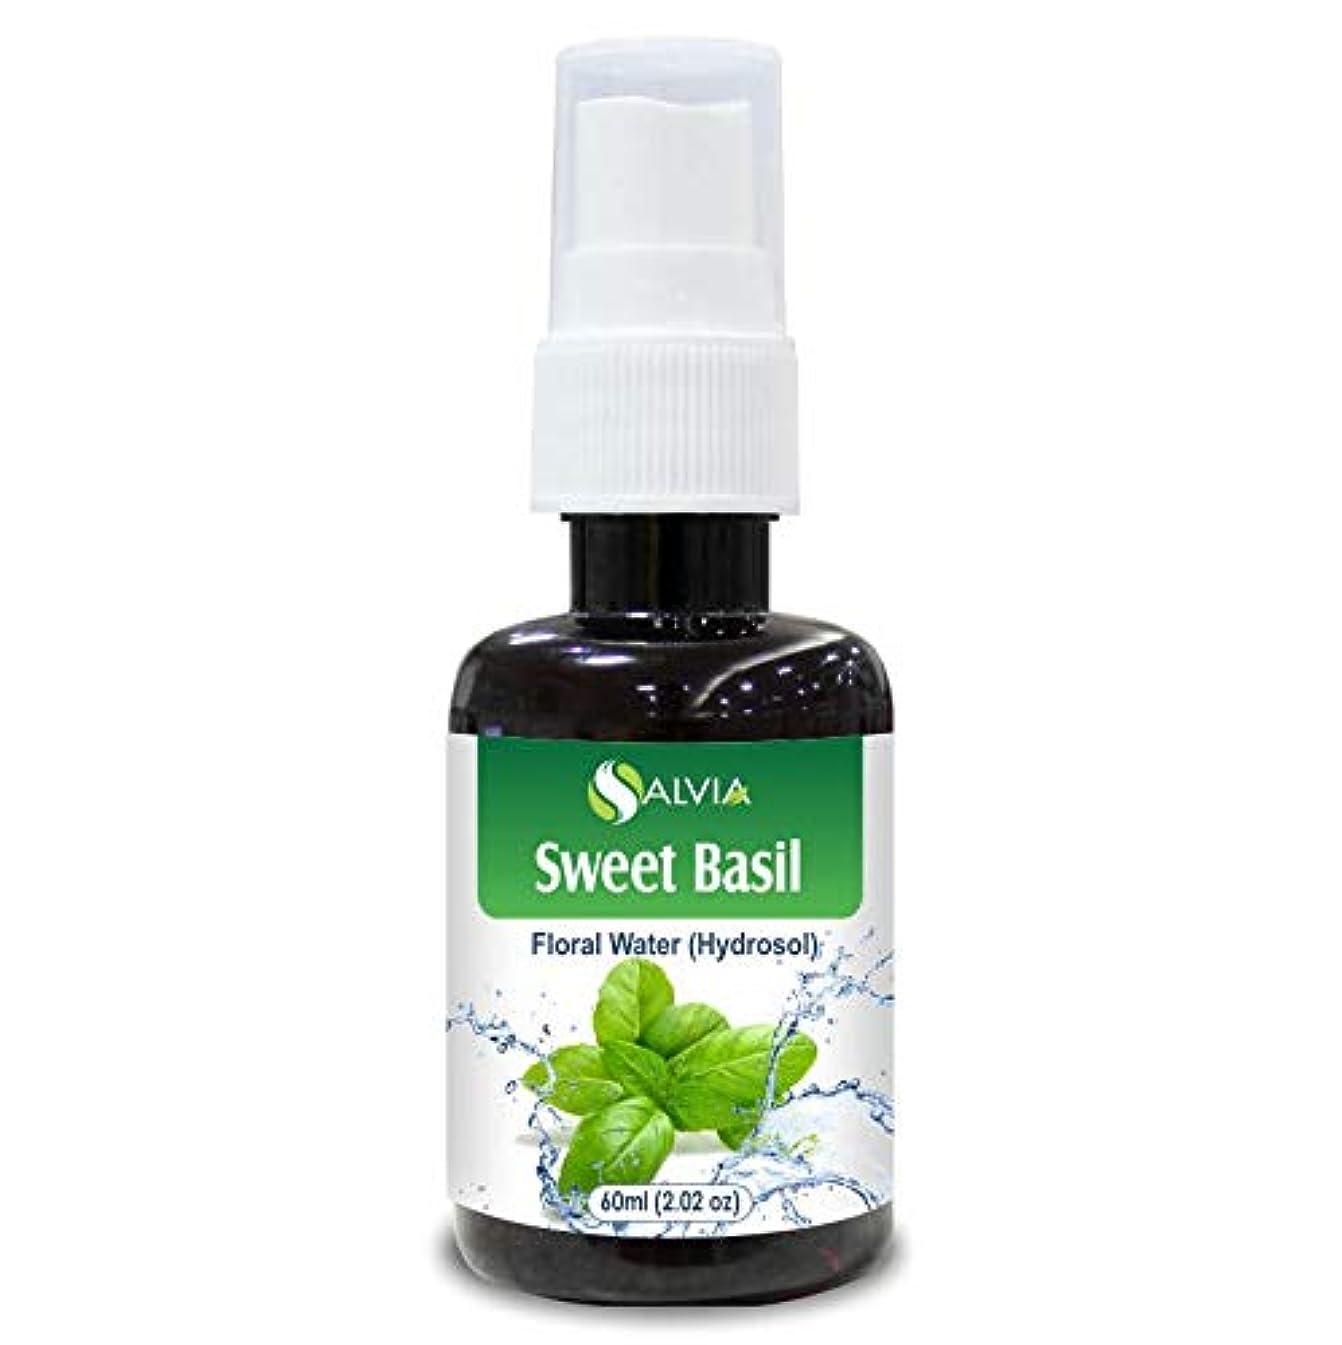 流湿原エスカレートSweet Basil Floral Water 60ml (Hydrosol) 100% Pure And Natural